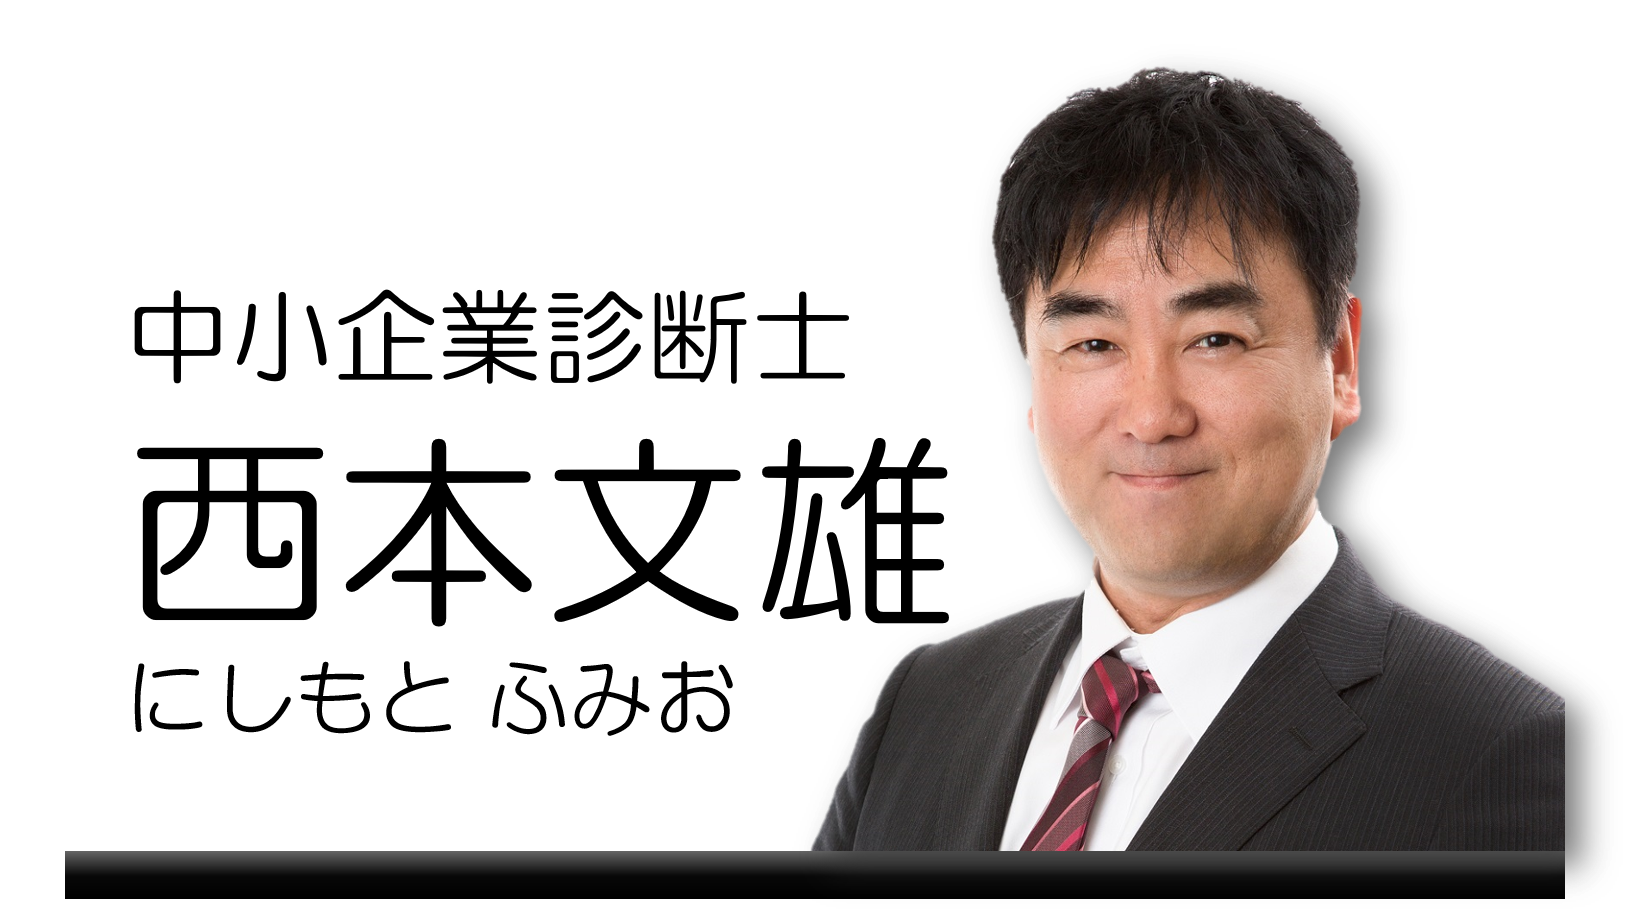 経営総合プロデューサー 西本 文雄(にしもと ふみお)